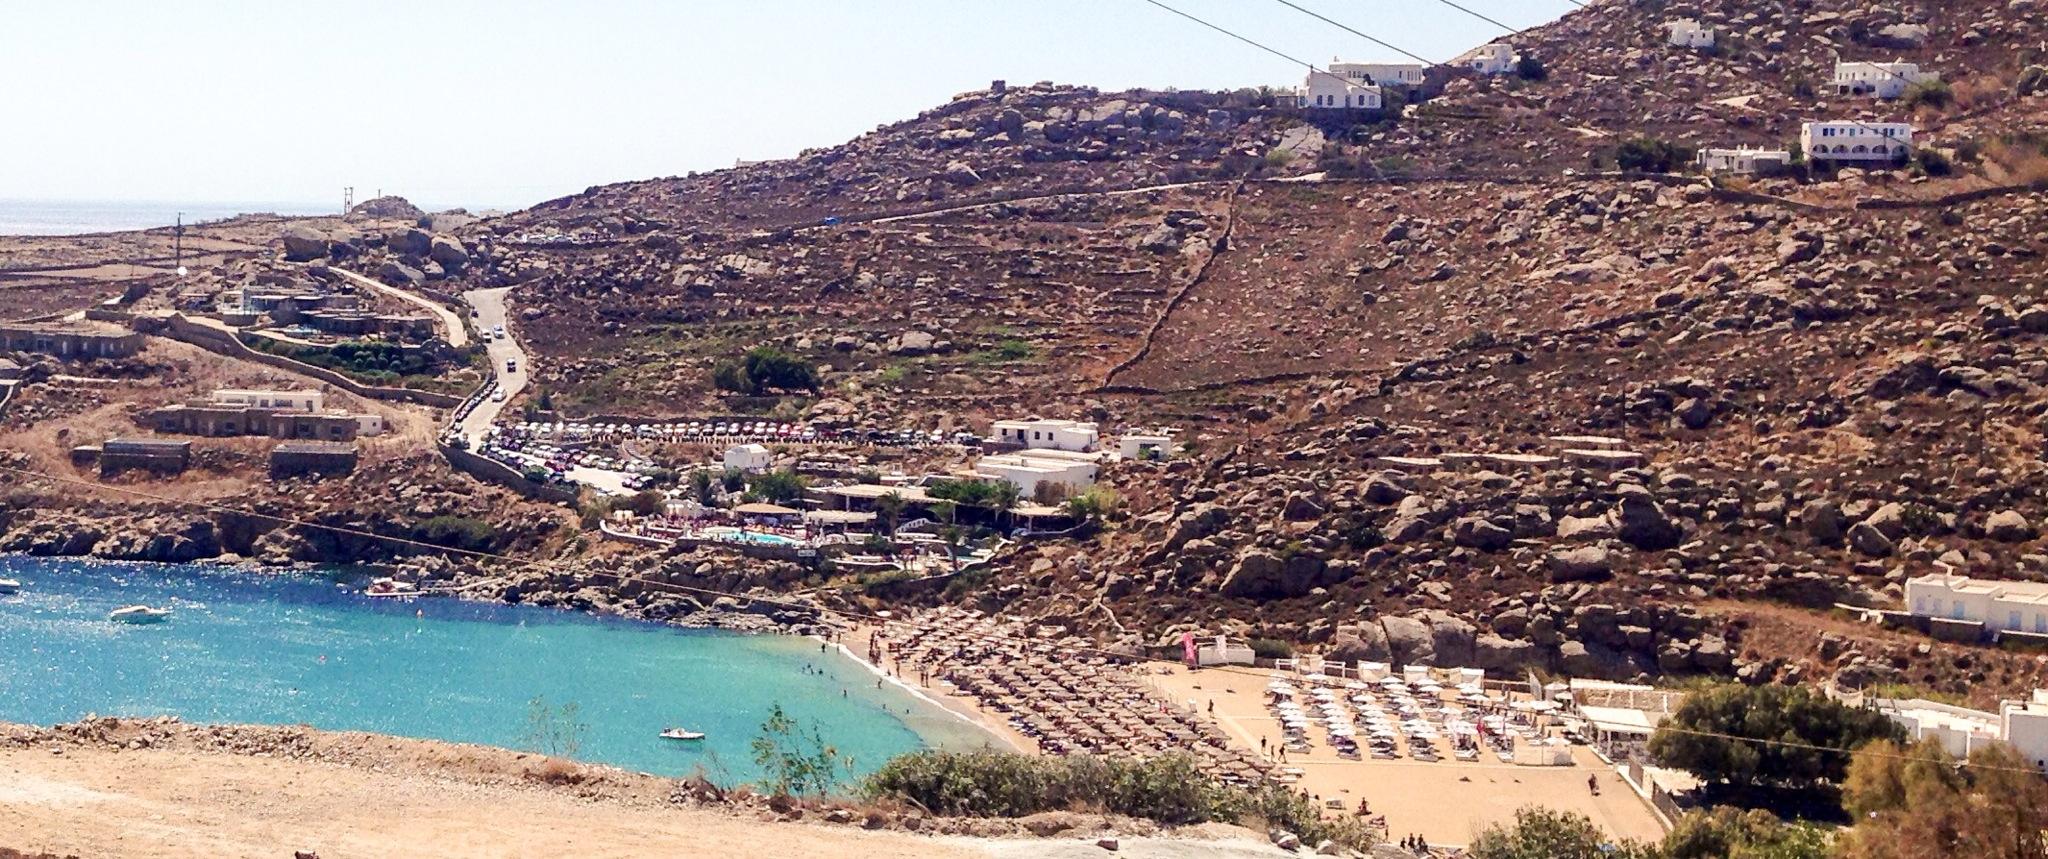 Spiagge da sogno: Super Paradise a Mykonos